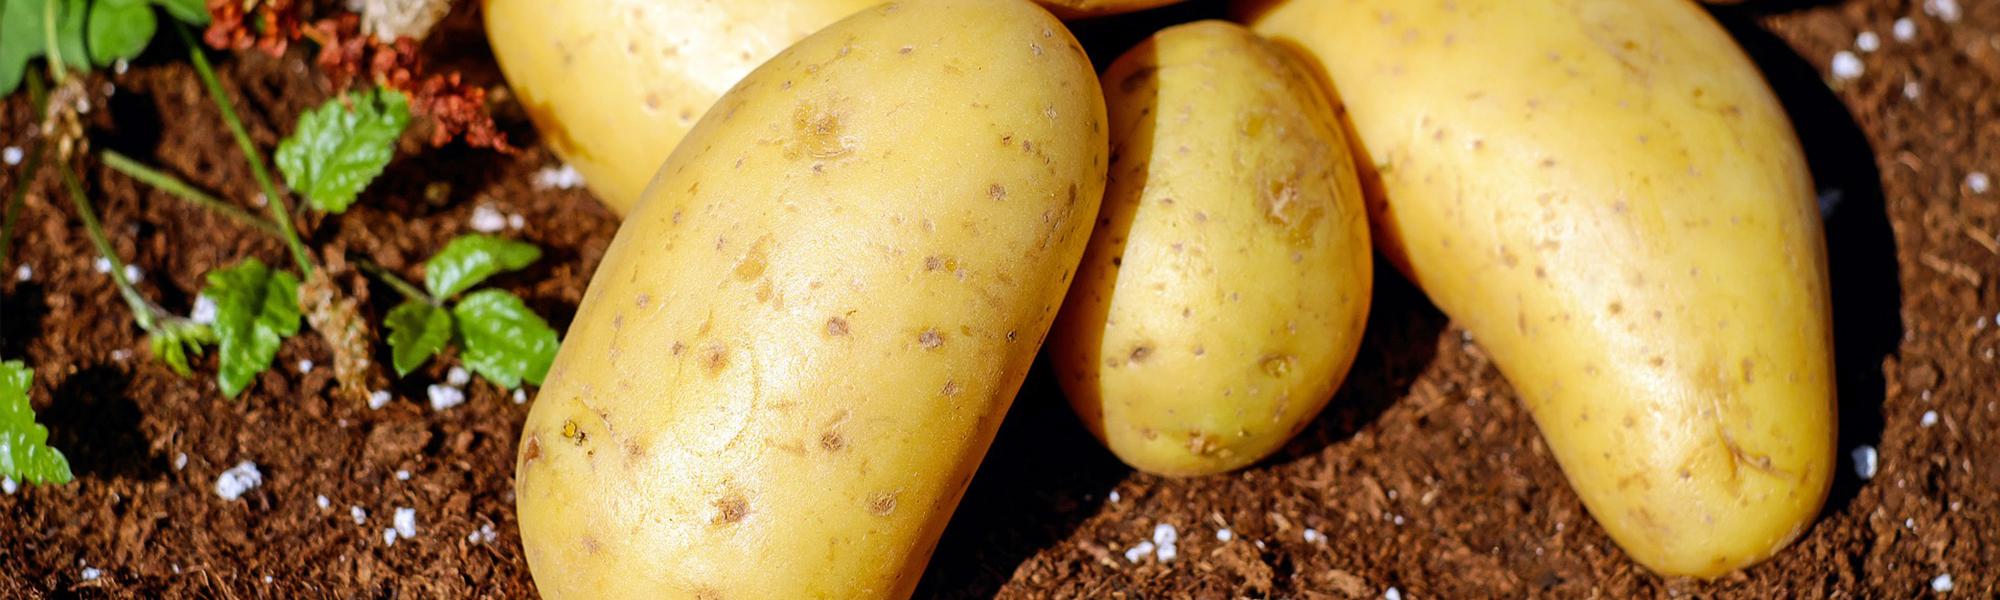 Umidificazione di patate e tuberi